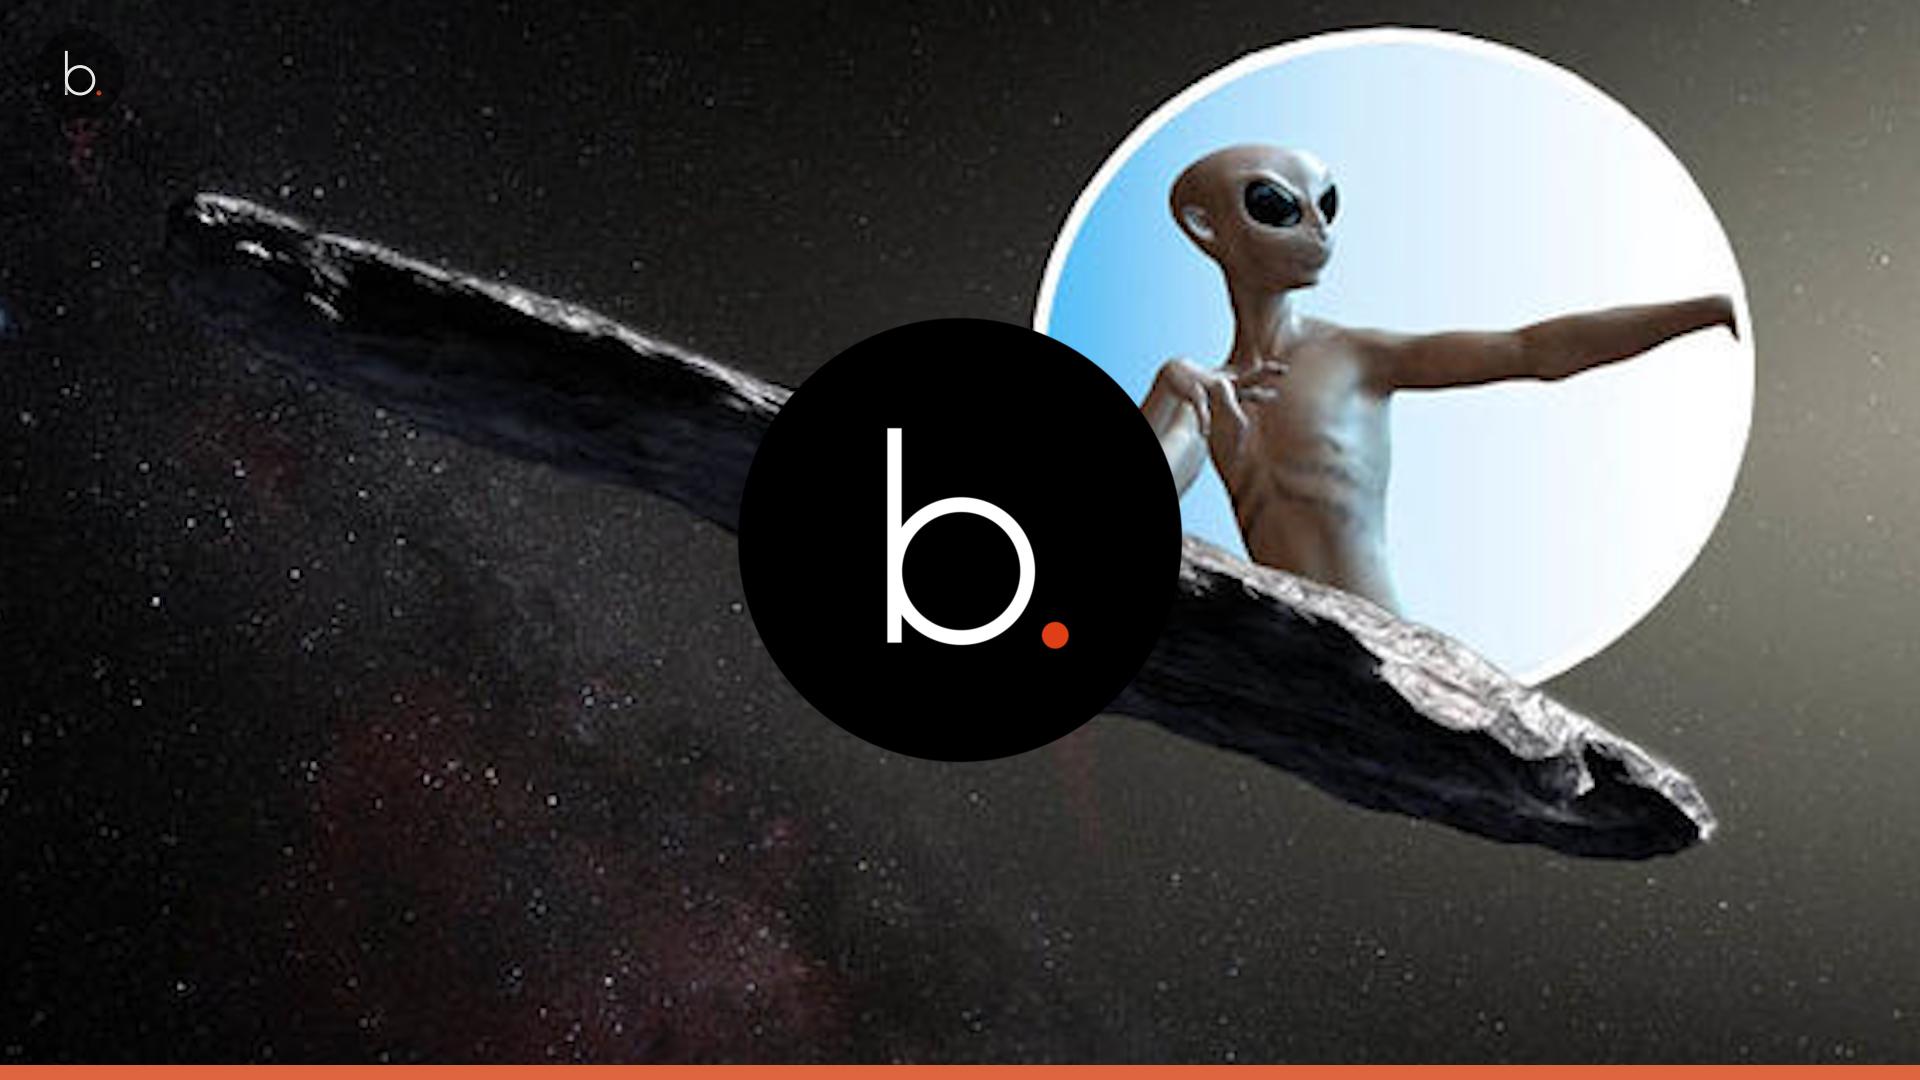 Vídeo: Cientistas analisam se objeto em sistema solar pode ser sonda alienígena